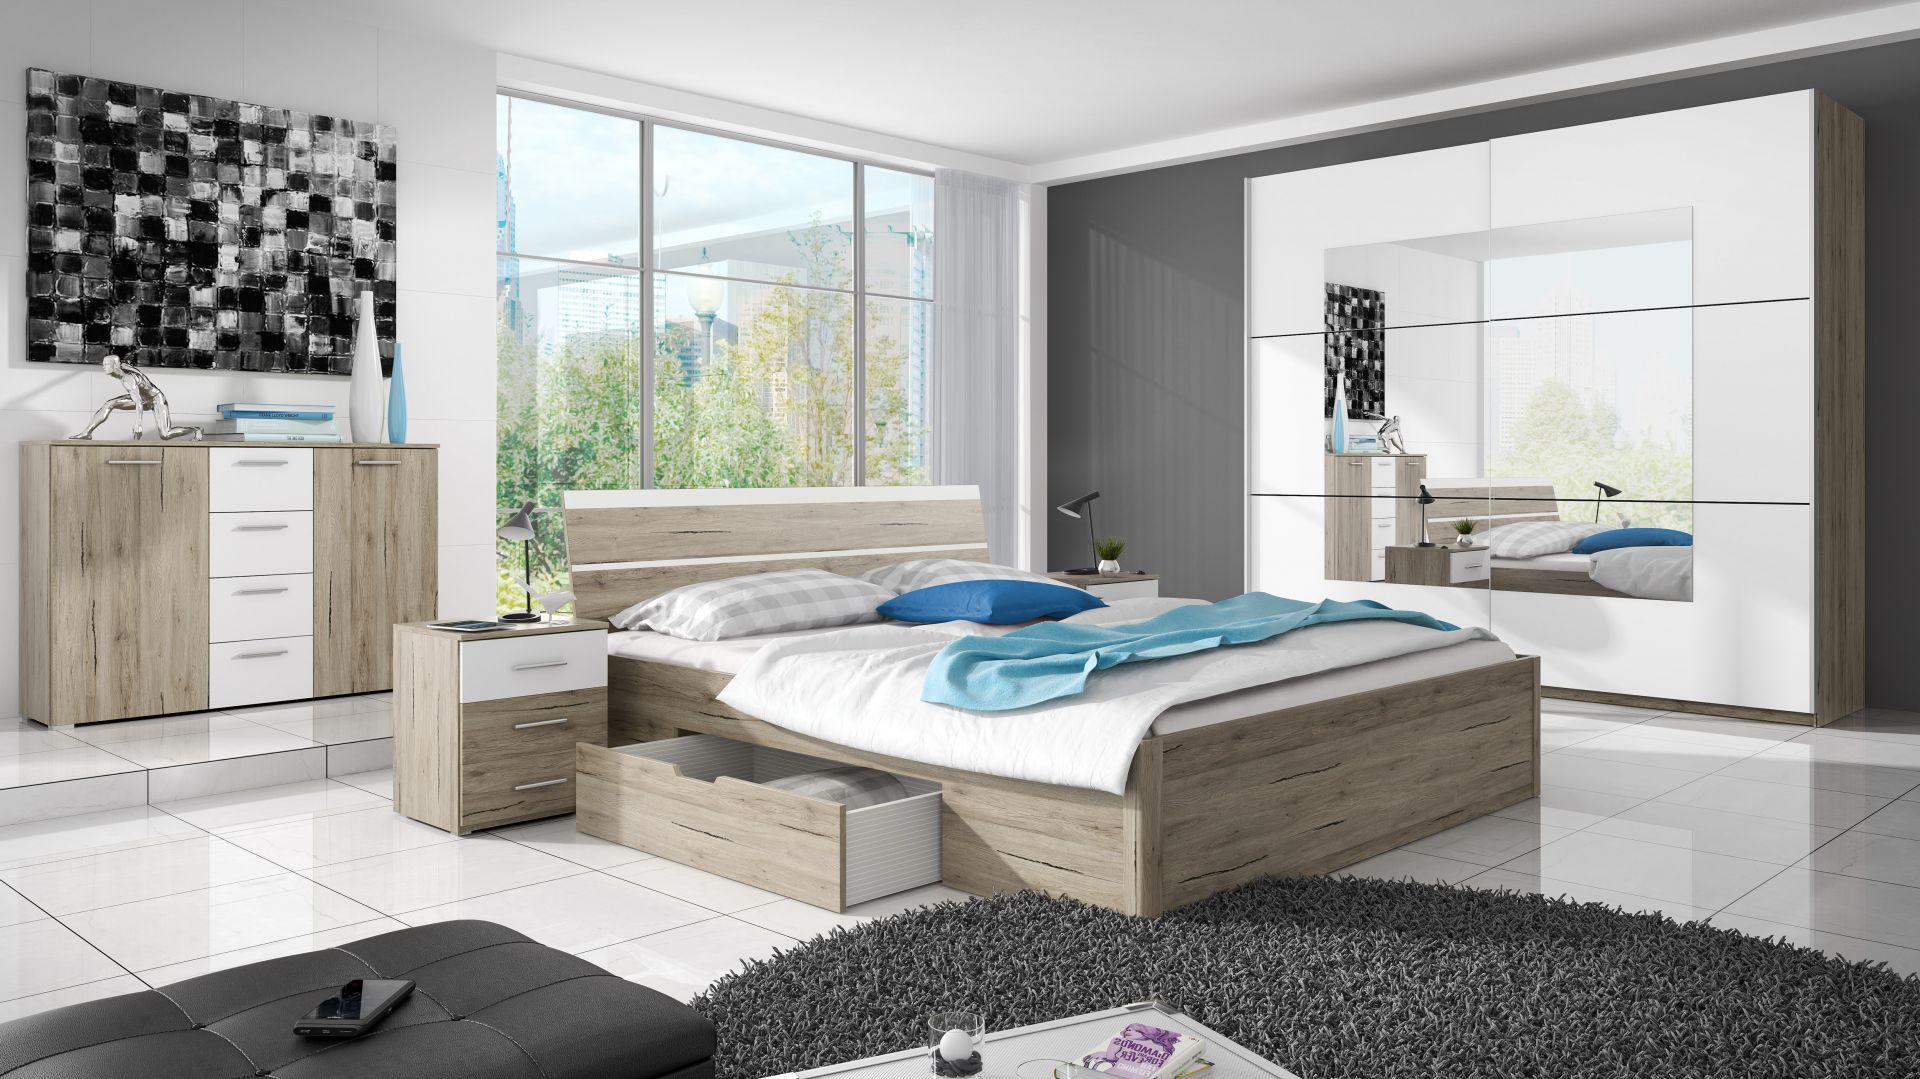 Szafa do sypialni z kolekcji Beta dostępne w ofercie firmy Helvetia Wieruszów. Fot. Helvetia